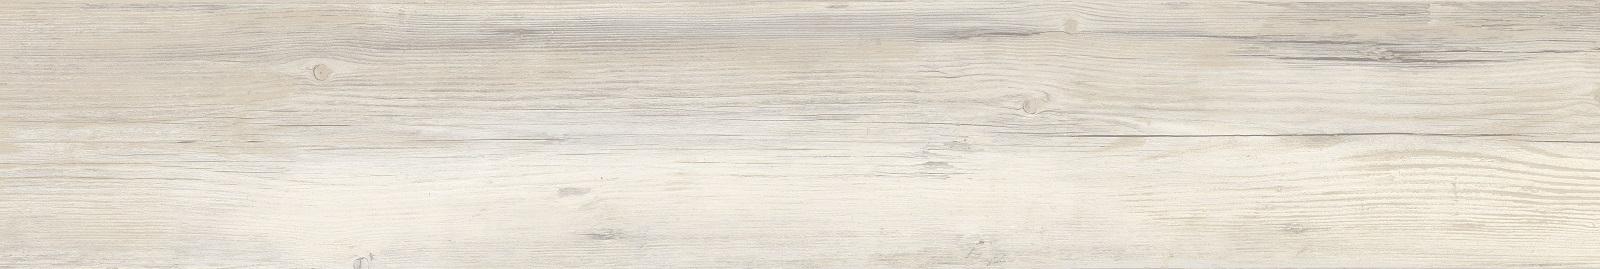 Плитка Legno Bianco (zzxlv1r) изображение 2